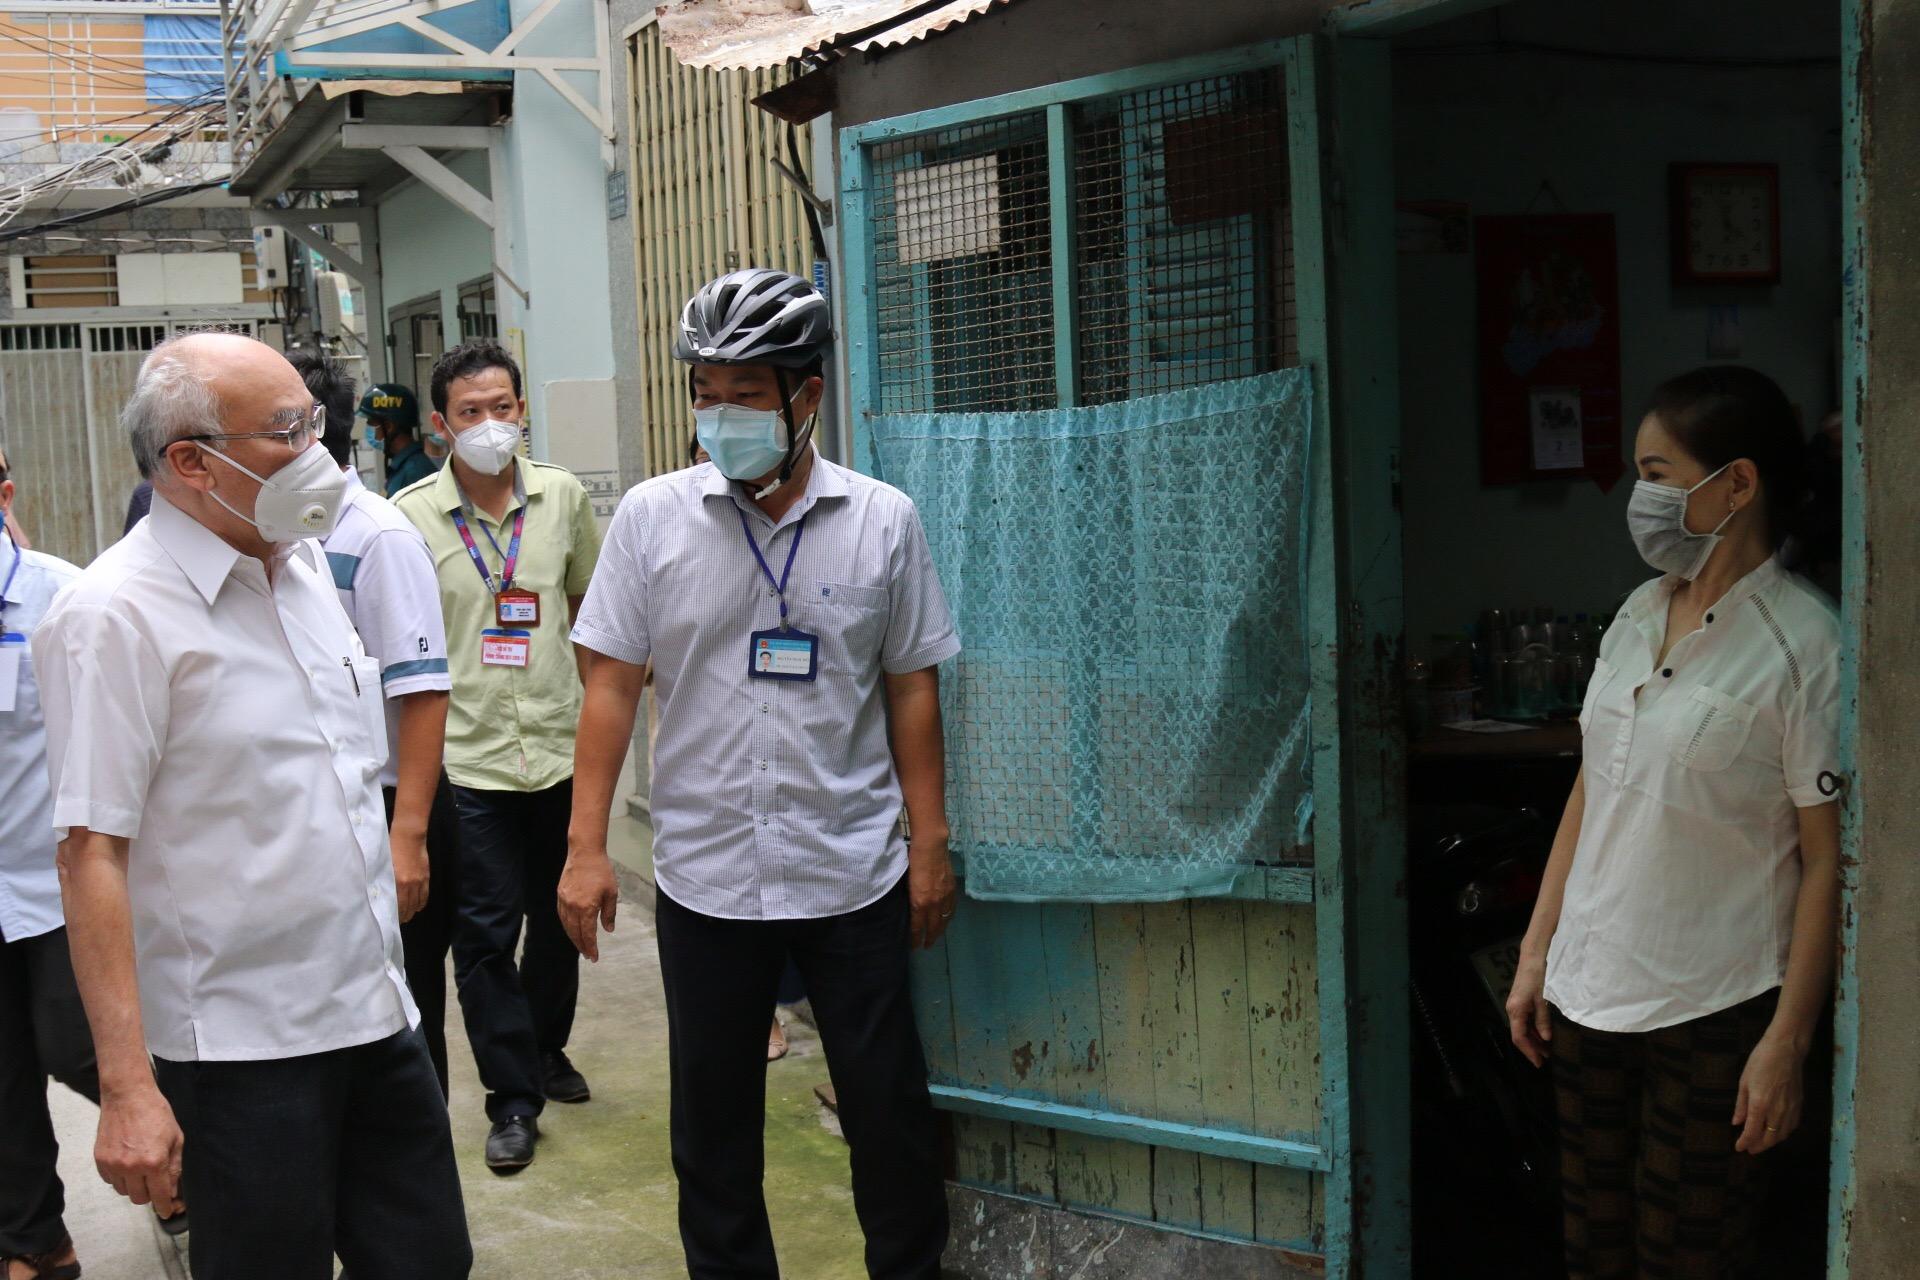 Ông Phan Nguyễn Như Khuê và Chủ tịch UBND P.4, Q.3 Nguyễn Ngọc Đức thăm hỏi bà con bị ảnh hưởng bởi dịch bệnh COVID-19